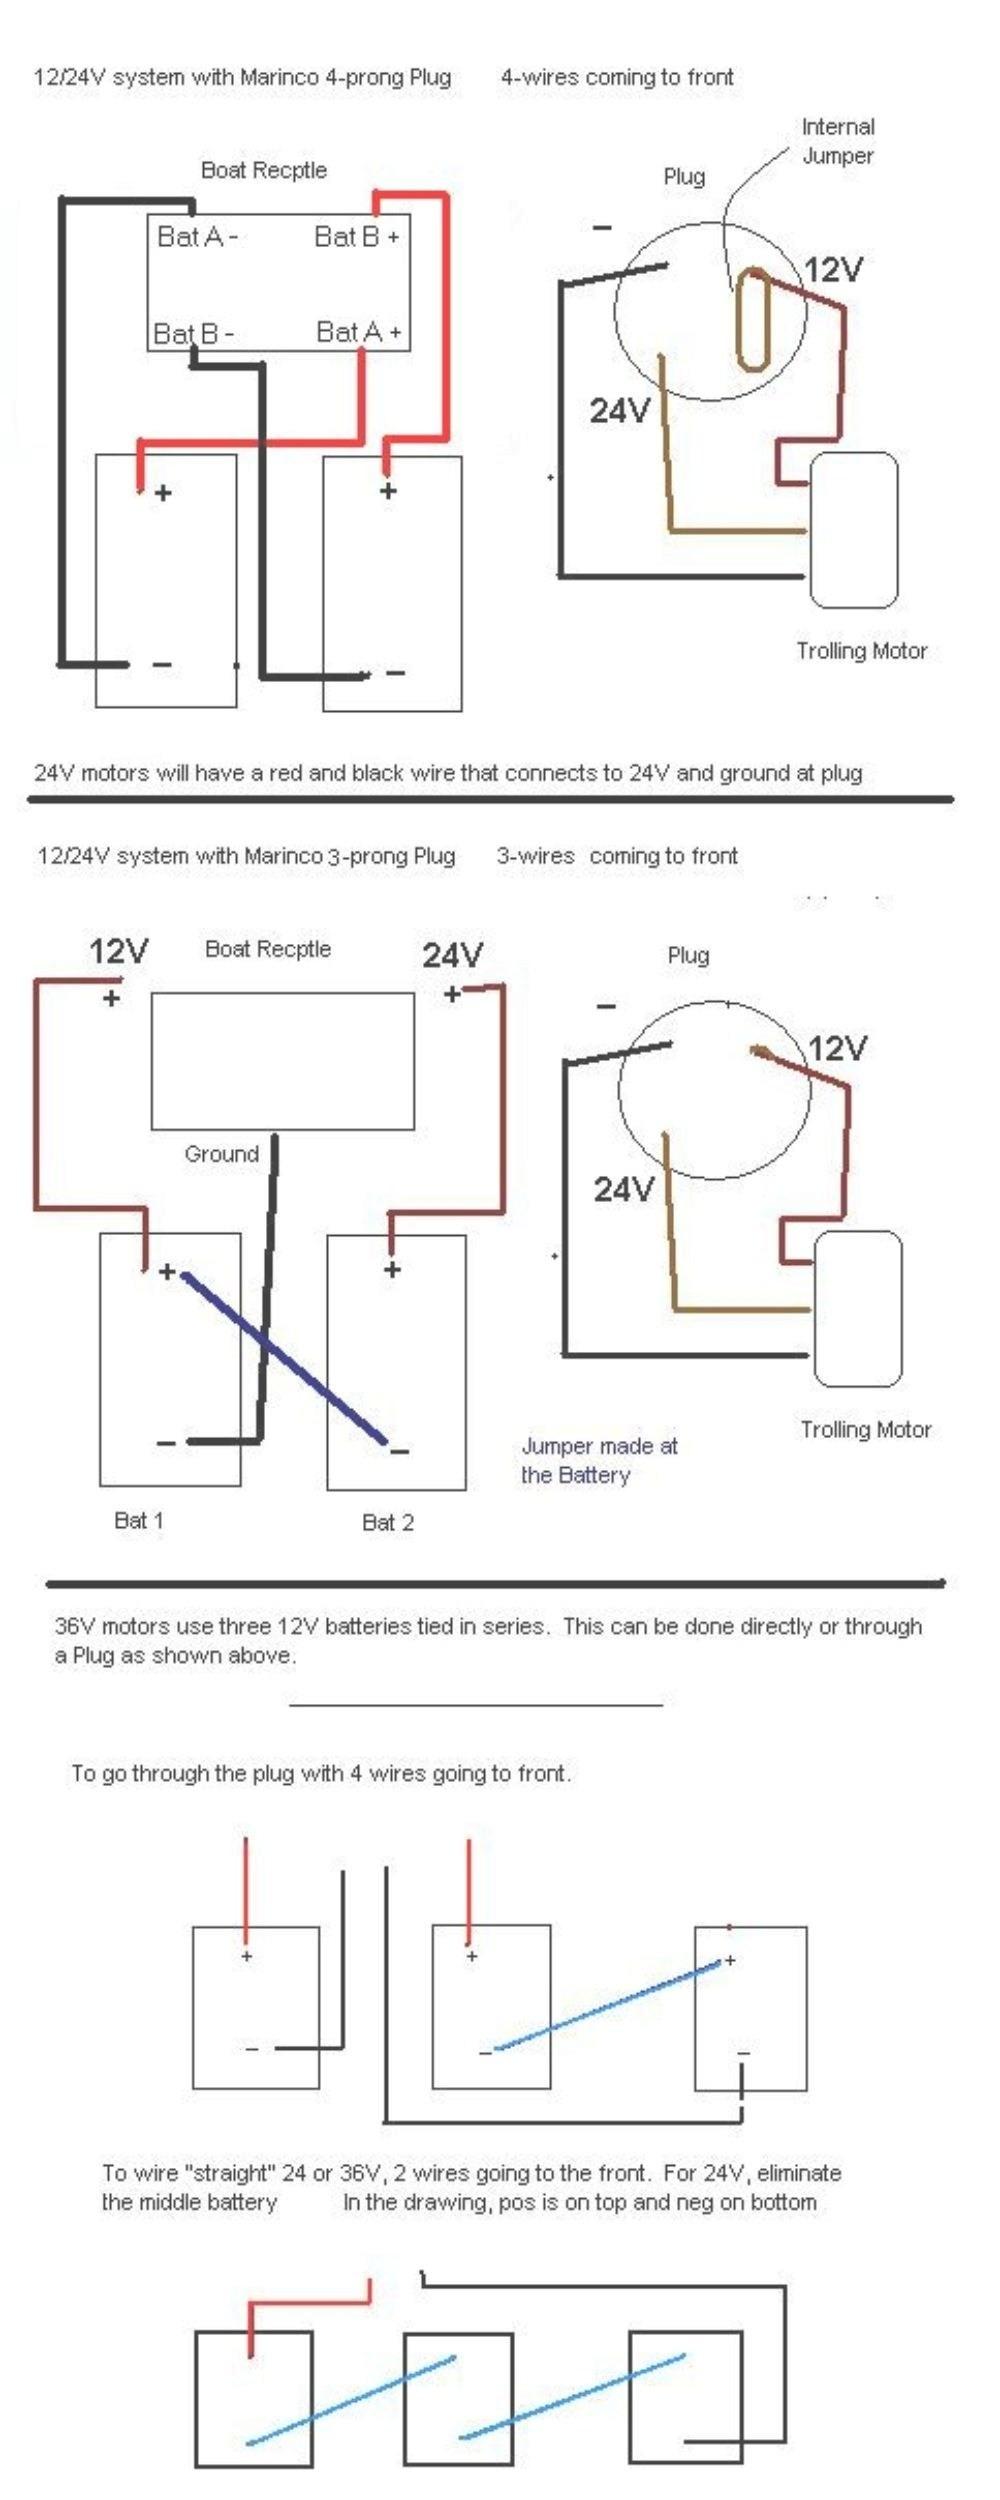 medium resolution of 12 24 volt trolling motor wiring diagram wiring diagram 12 24 volt trolling motor wiring diagram